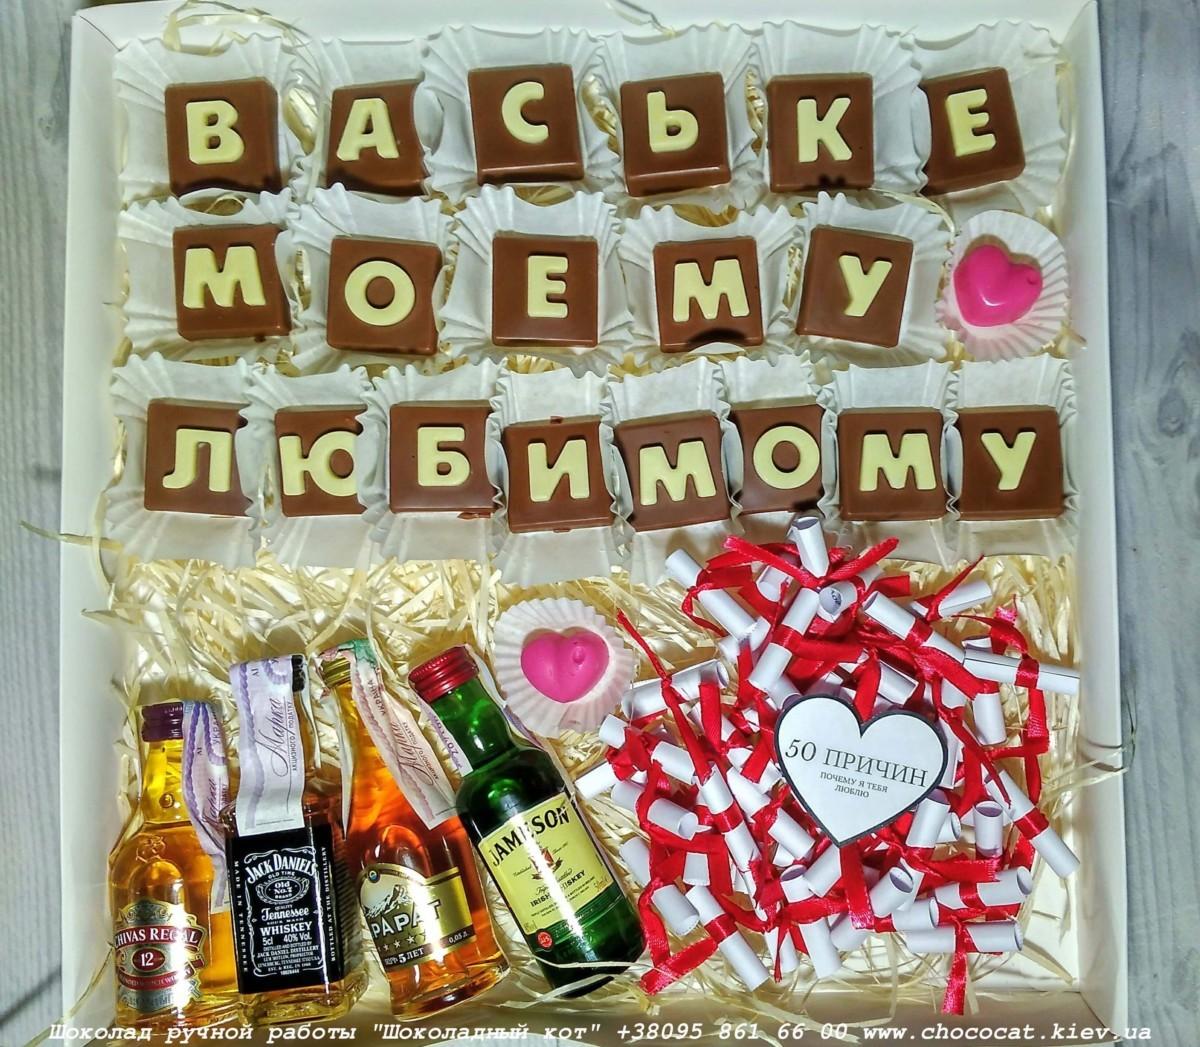 шоколадные буквы купить киев